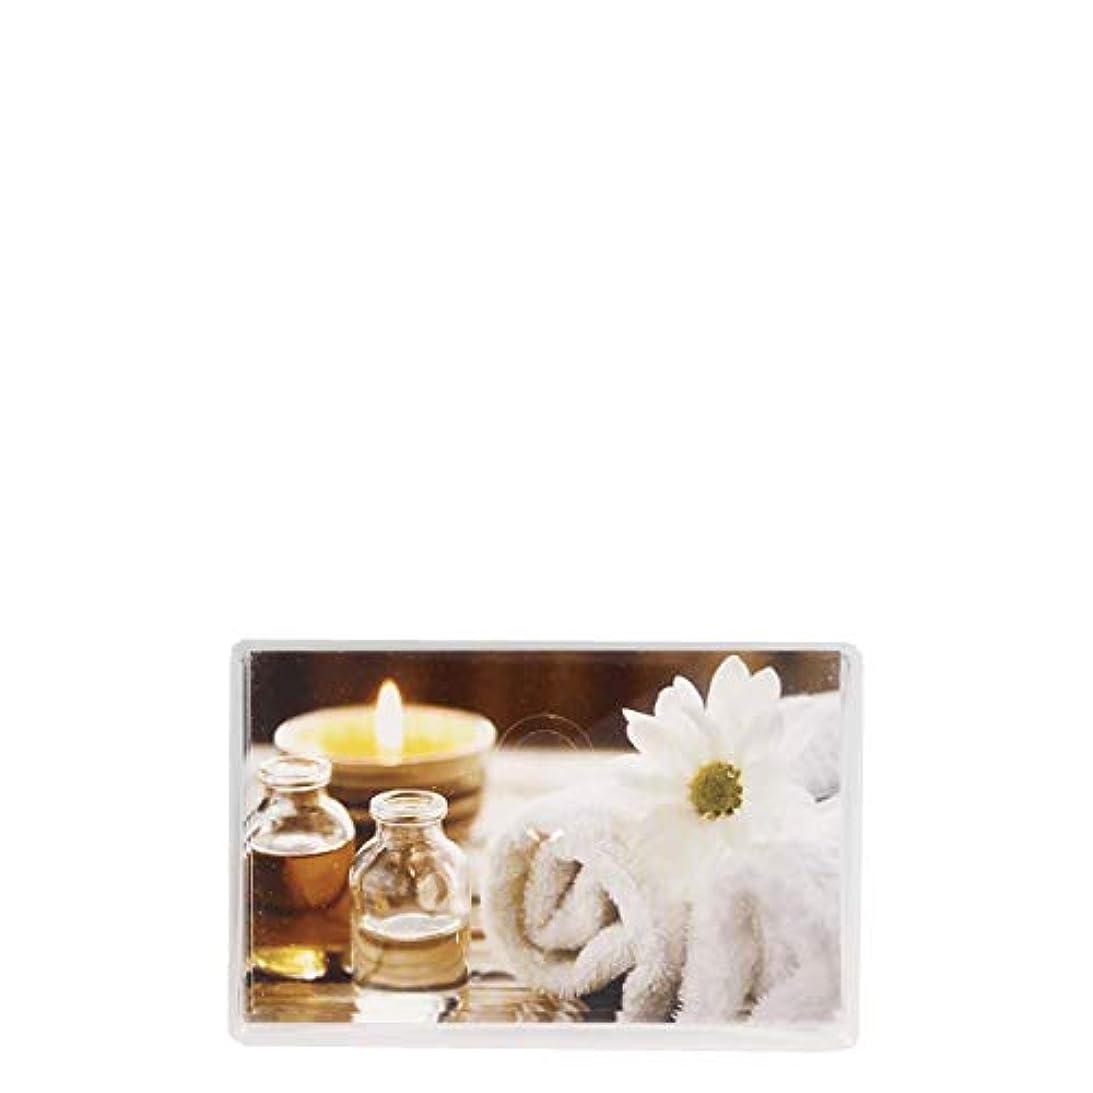 織る乗り出す絶滅させるアポイントメントカード Appointment cards- AP5B BEAUTY DAISY CARDS x100[海外直送品] [並行輸入品]